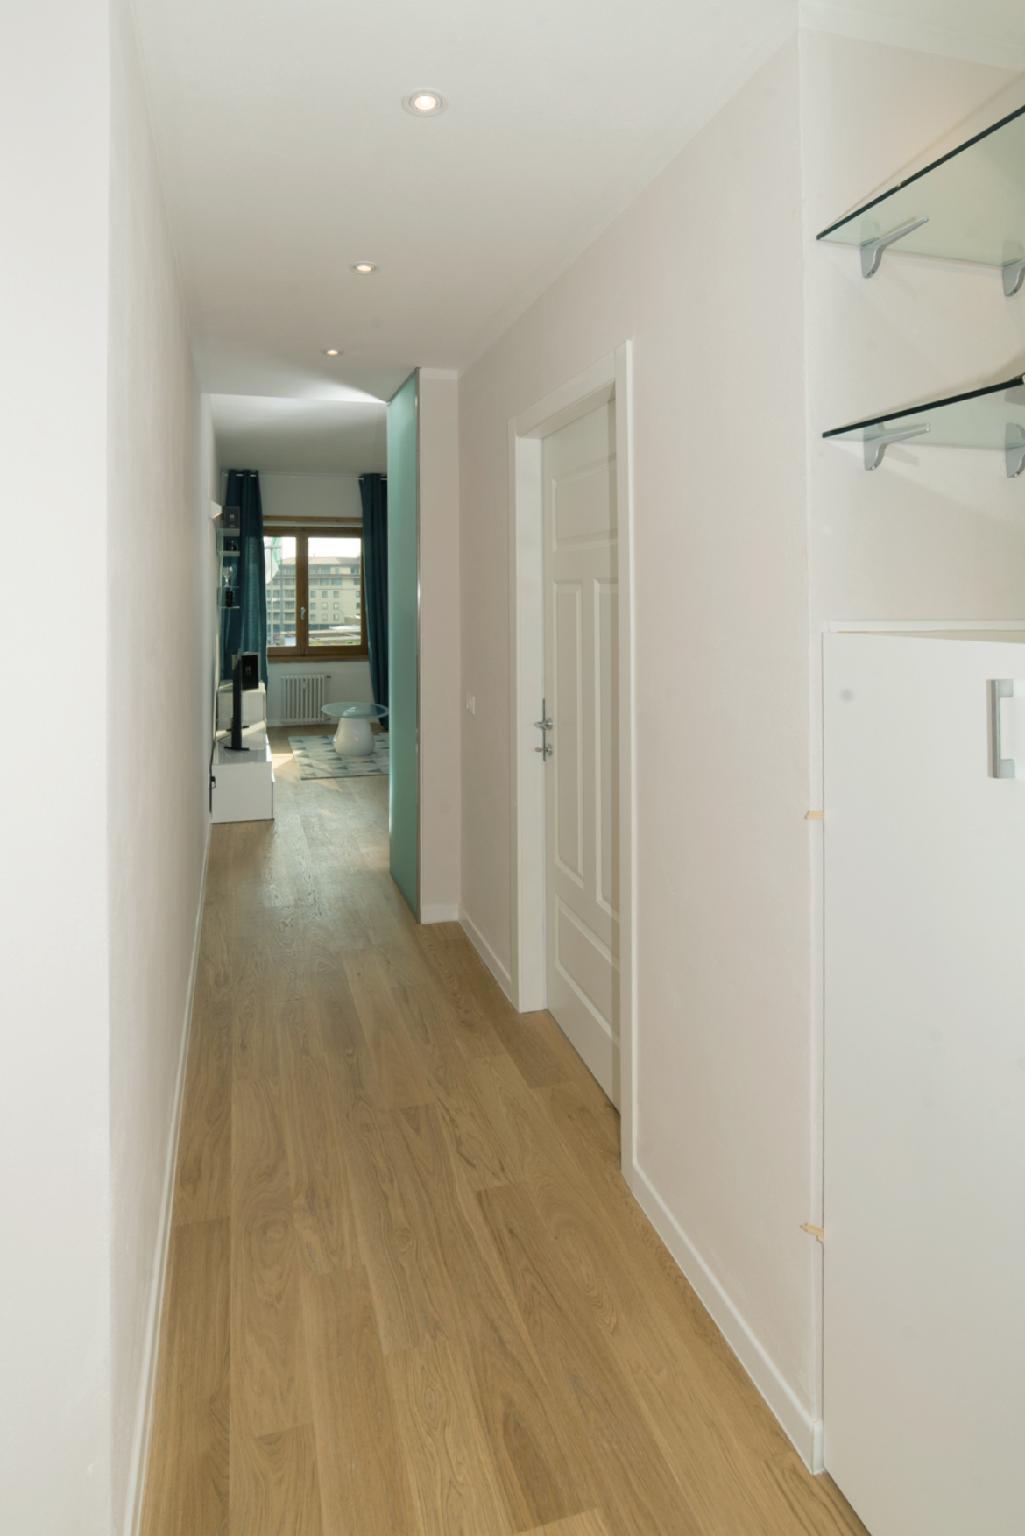 Alinari 1 Brand new 2 room Apartment Near The Dome